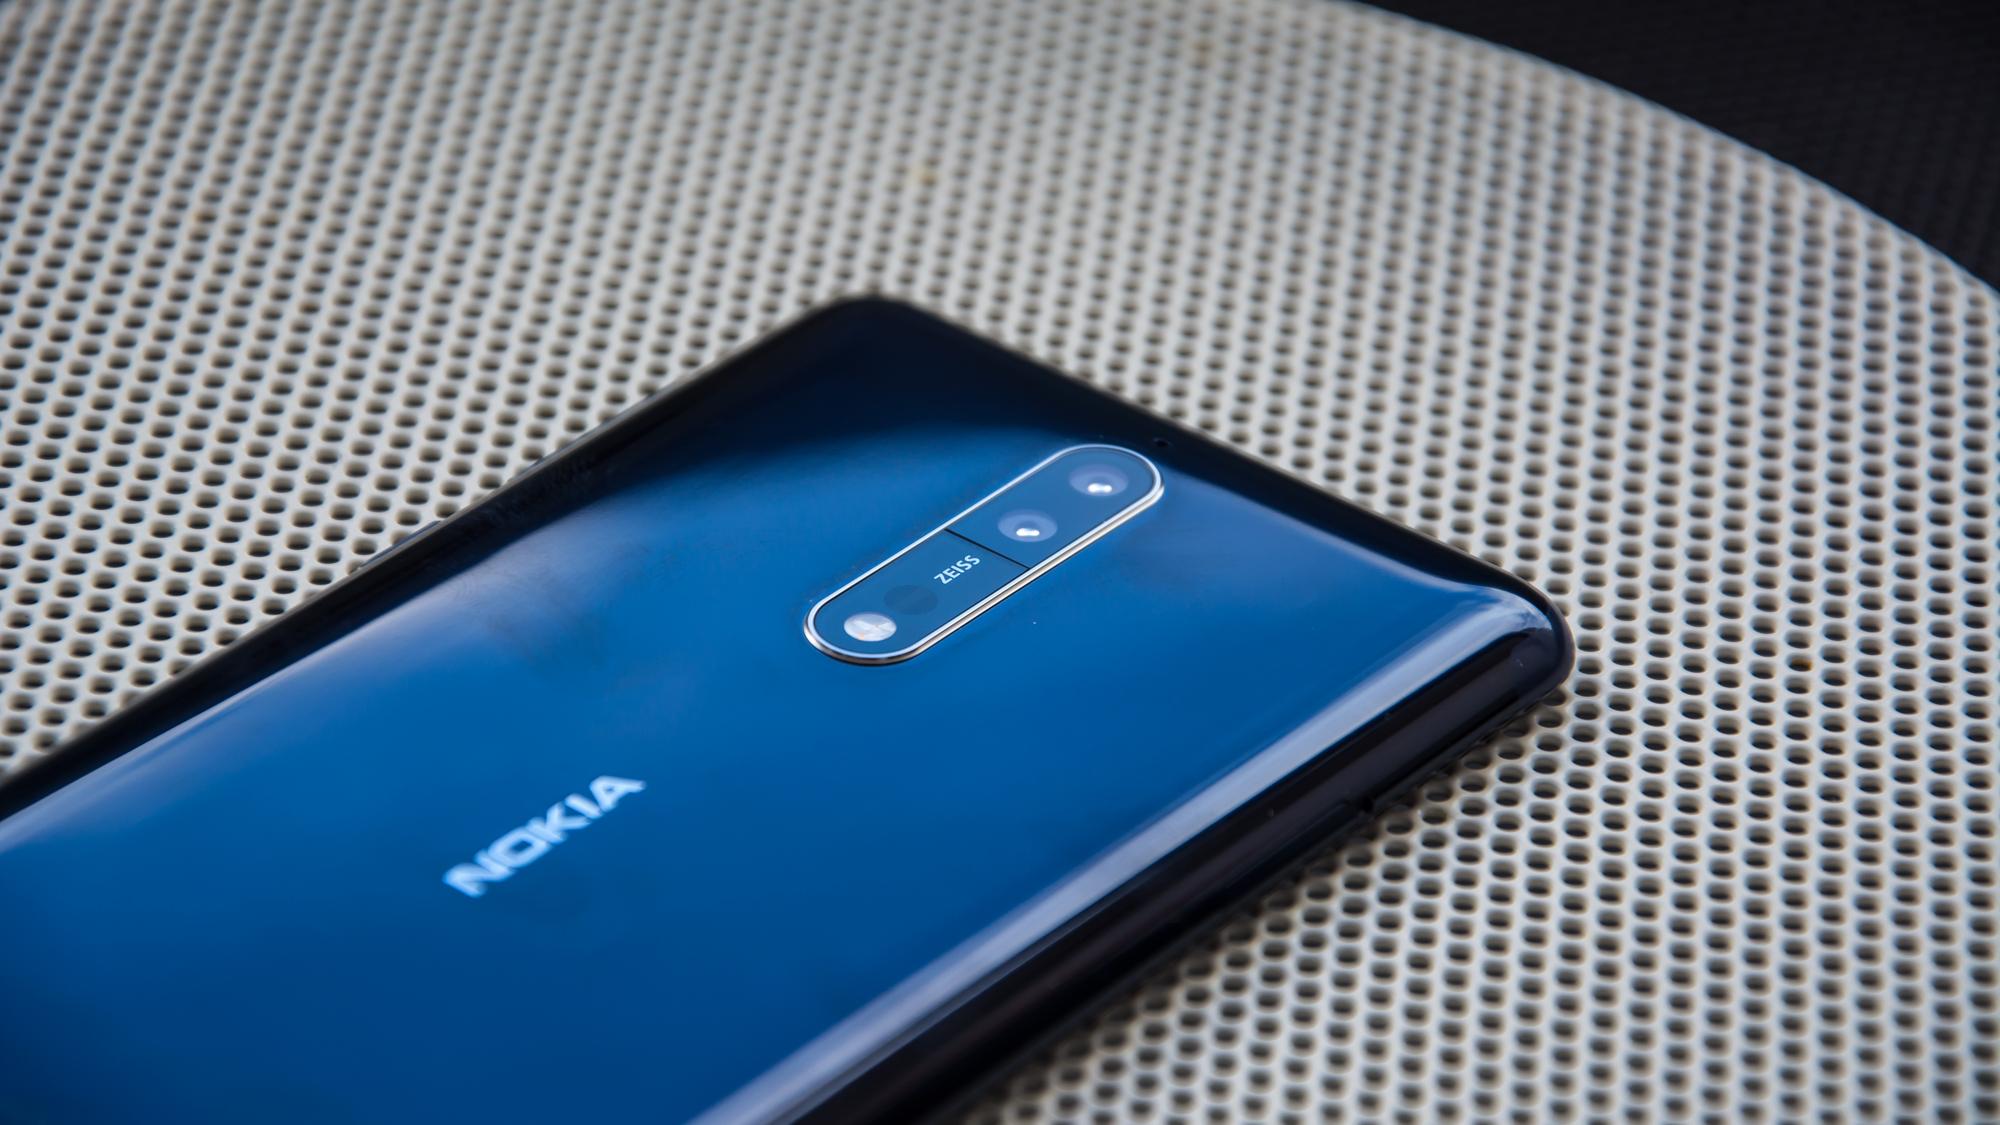 Meet Nokia 8: A Phone Made For Livestreaming